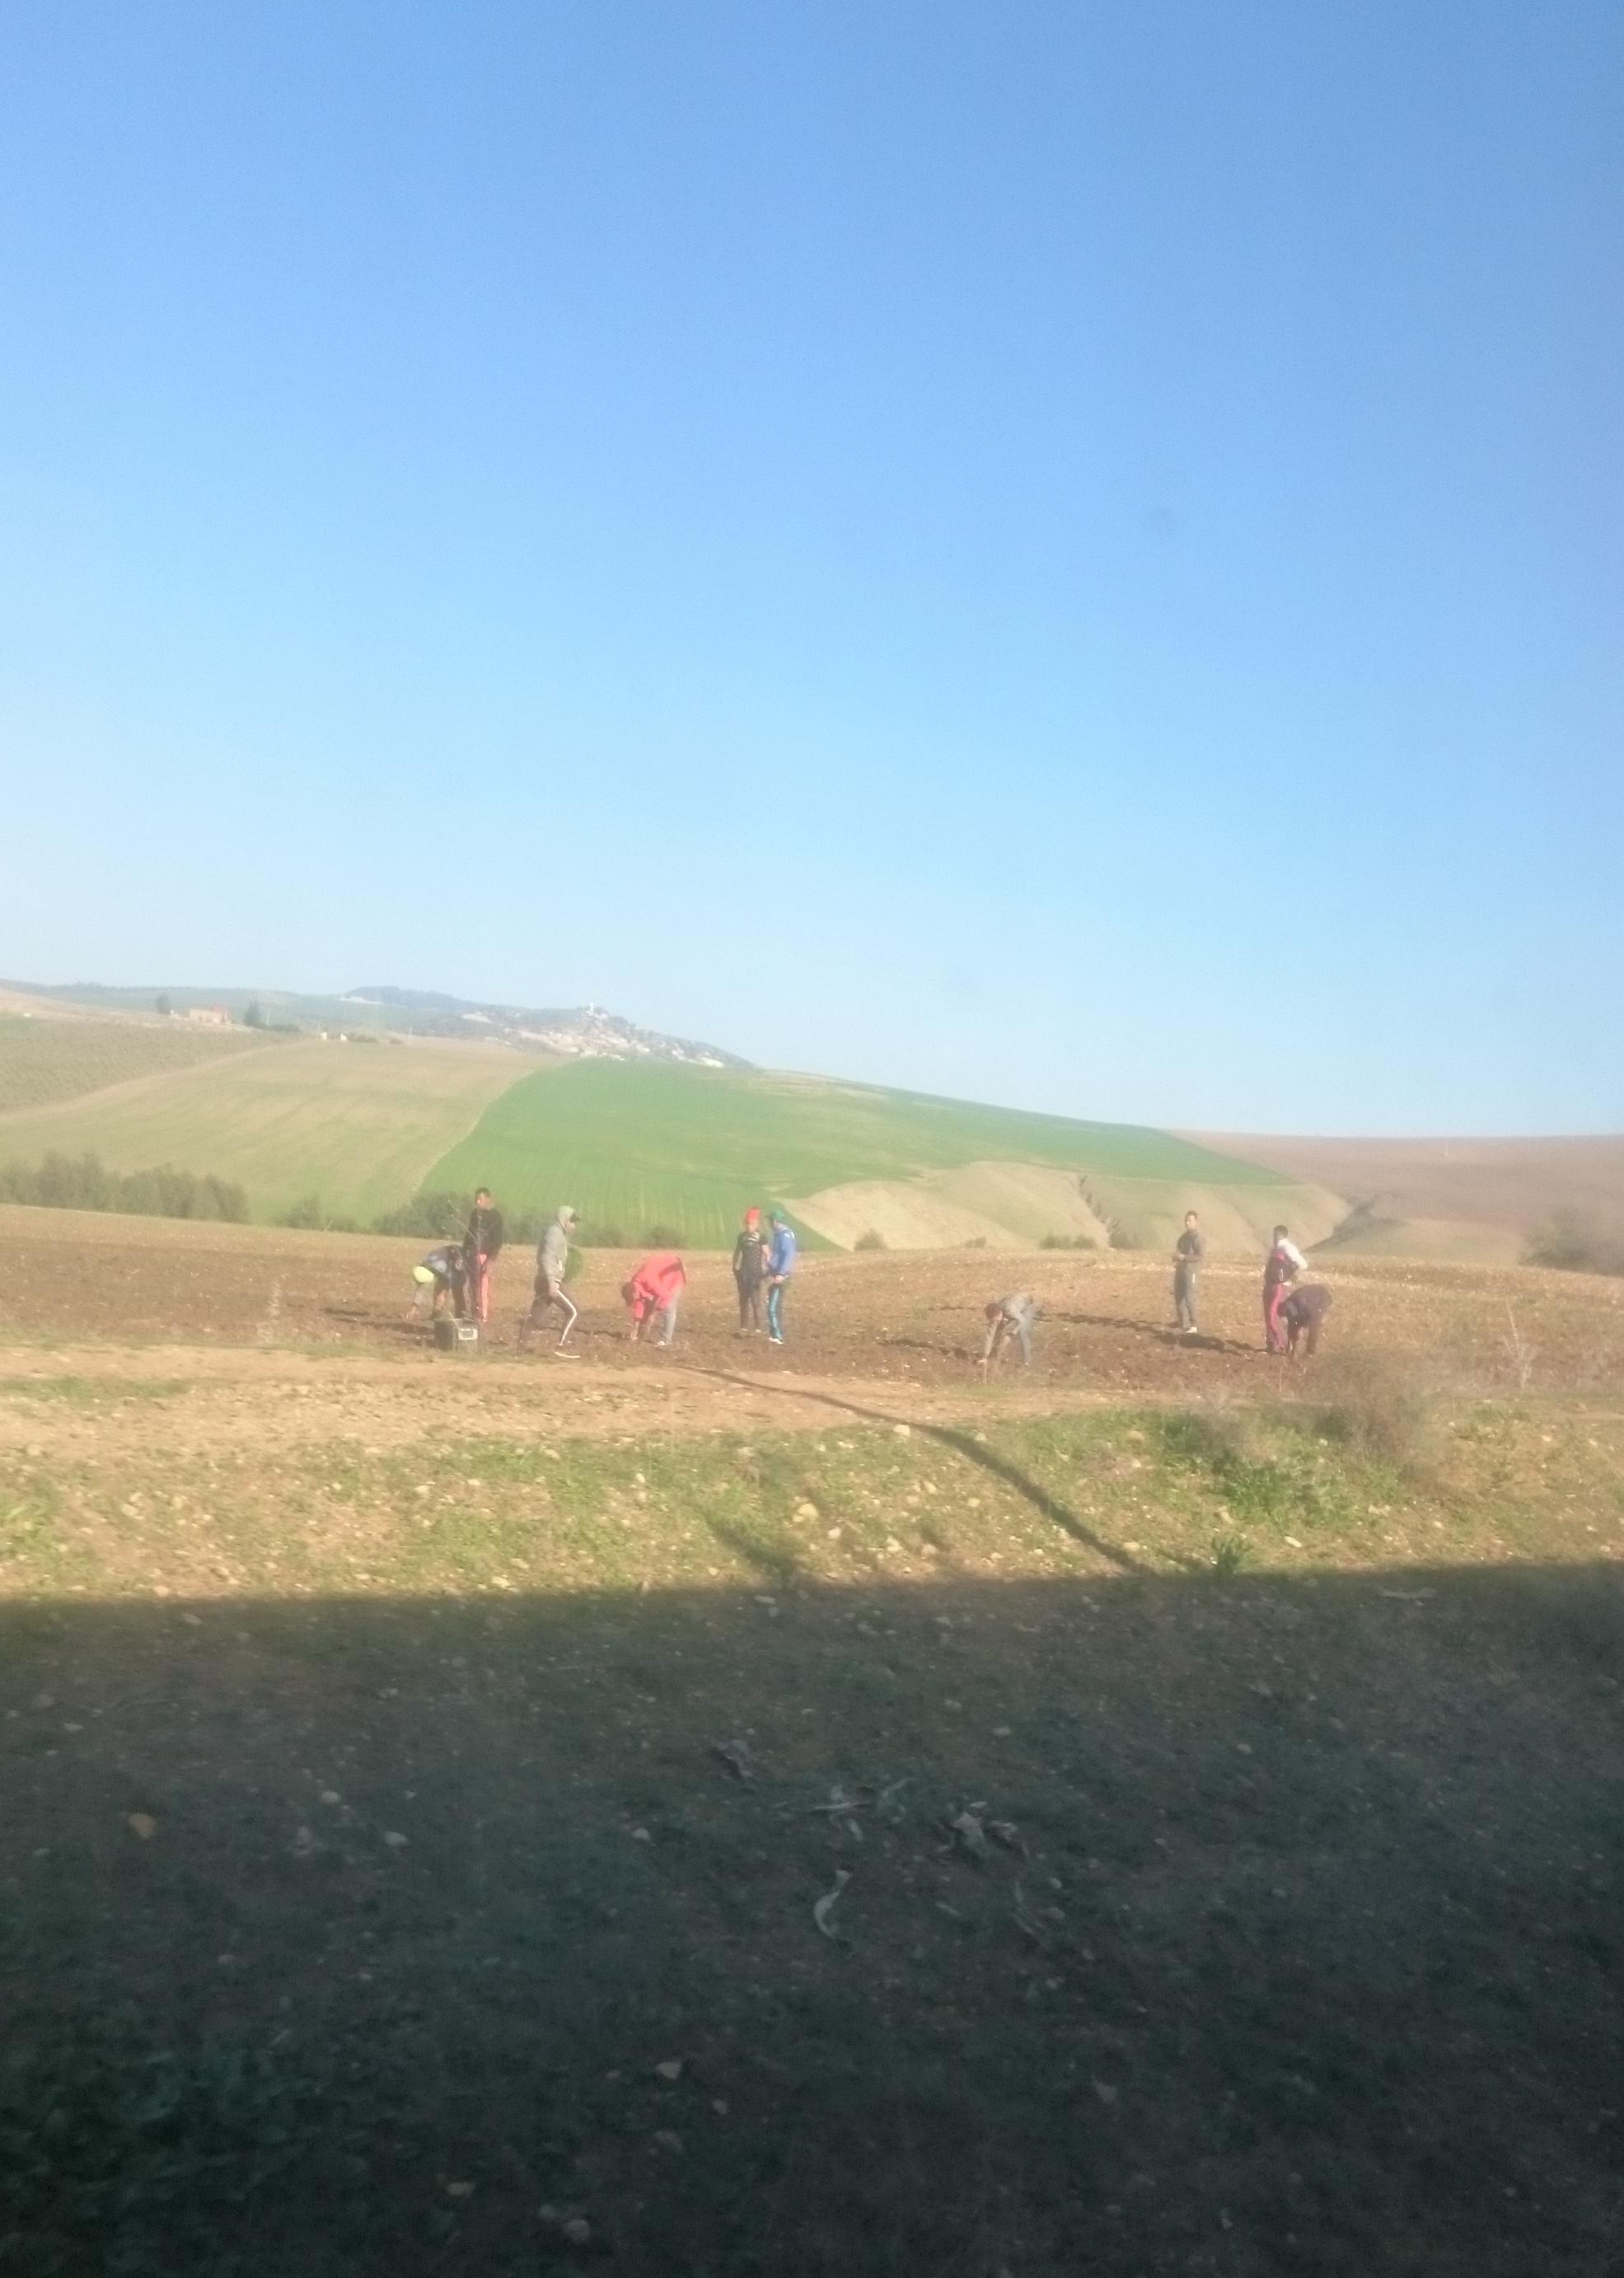 Bauern auf einem Feld zupfen Unkraut